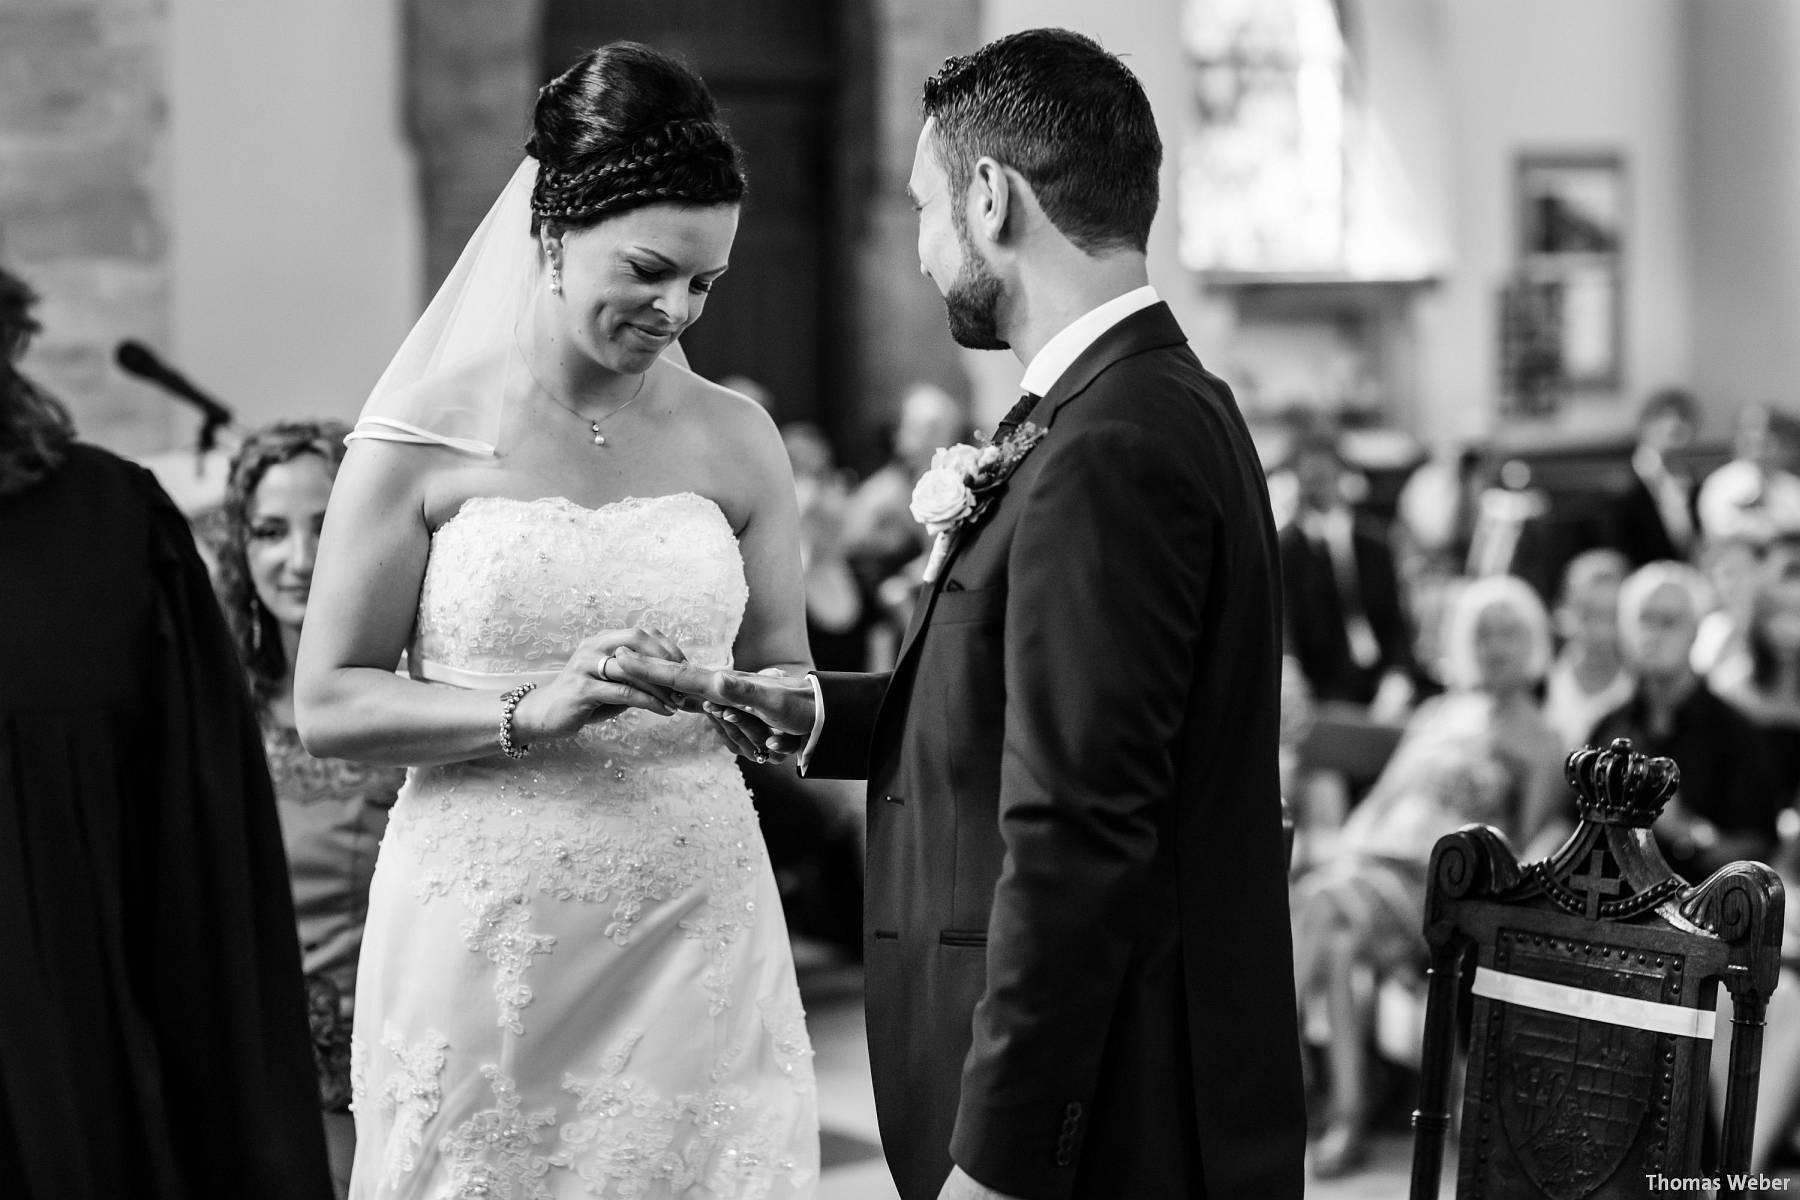 Hochzeitsfotograf Oldenburg: Kirchliche Trauung in der Garnisonkirche Oldenburg und Feier im Landhaus Etzhorn Oldenburg (12)